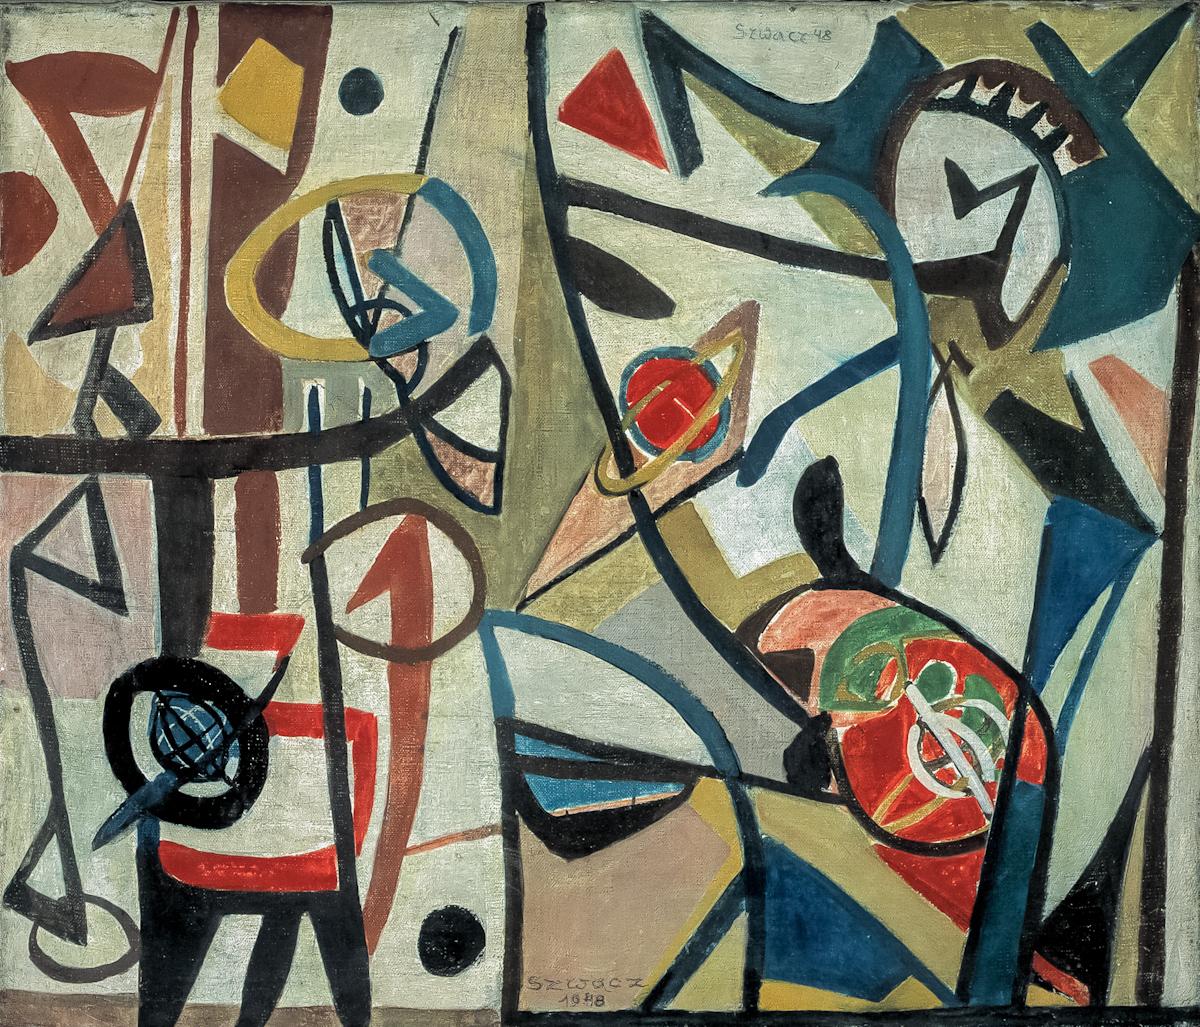 Bogusław Szwacz, Kompozycja, 1948, olej, płótno, 55,5 x 65,5 cm